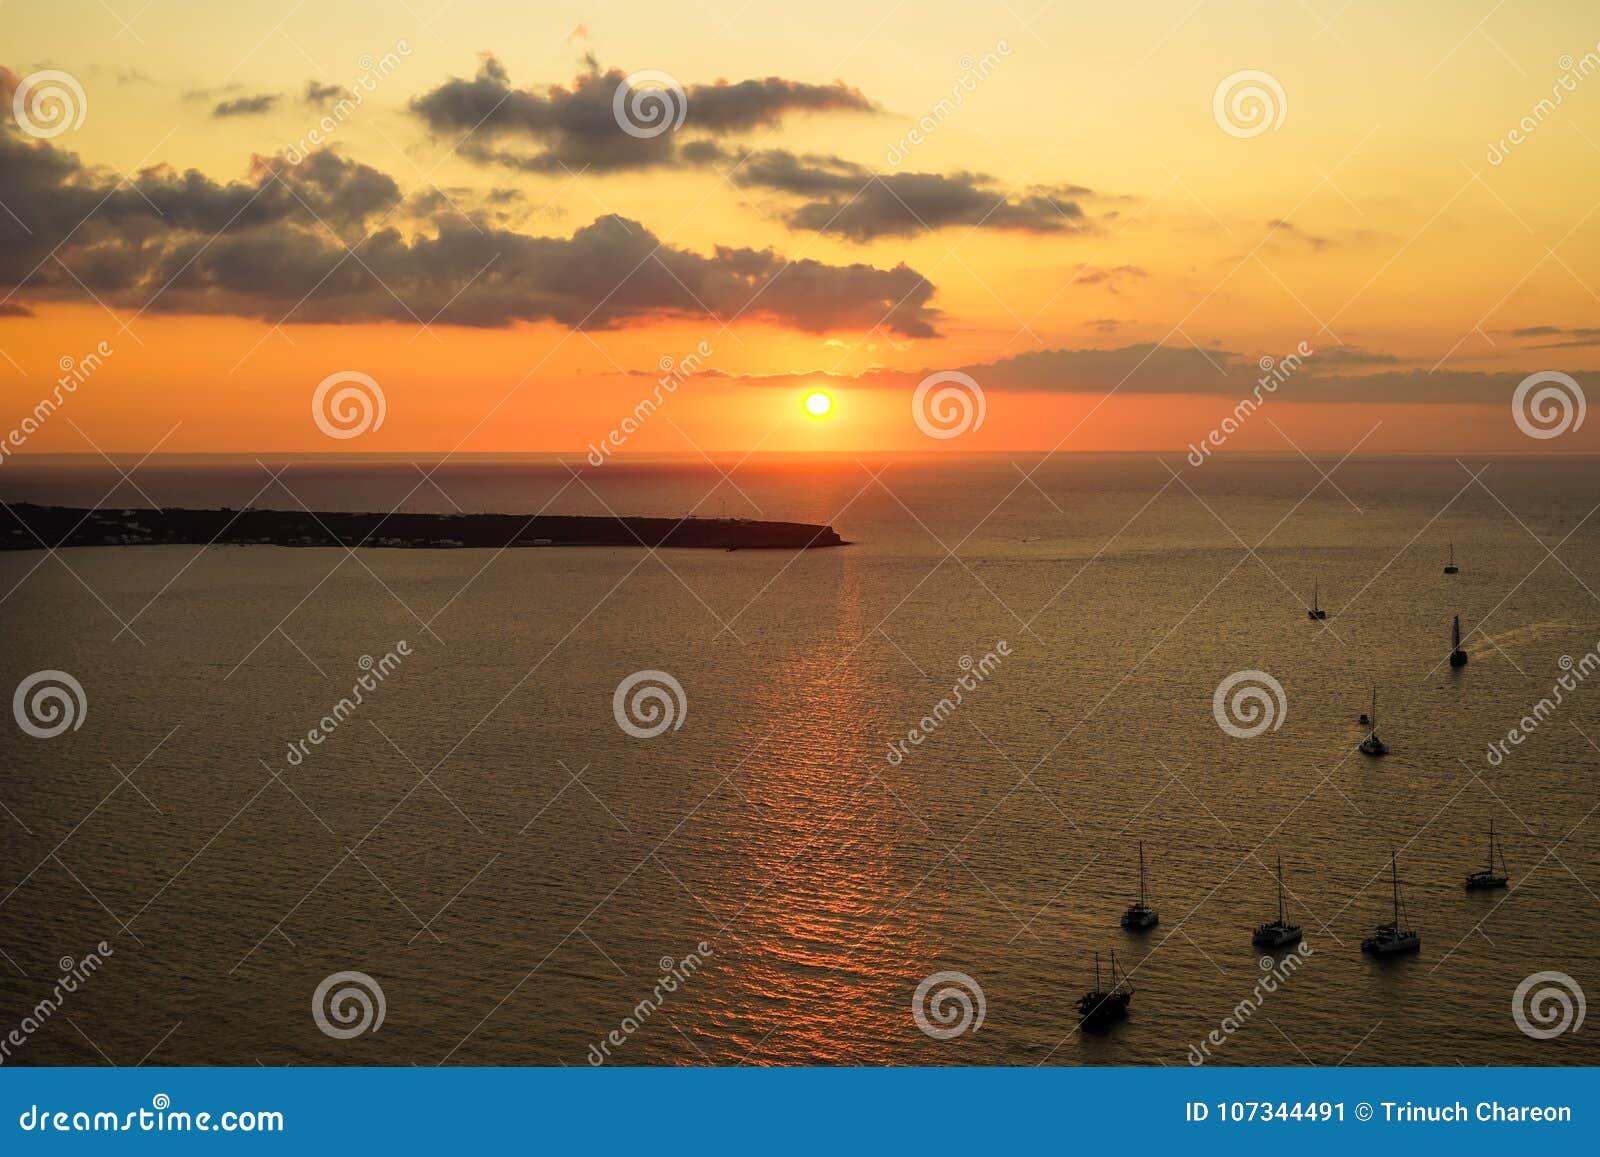 浪漫日落风景海景在有帆船剪影、抽象云彩和光反射的浩大的爱琴海